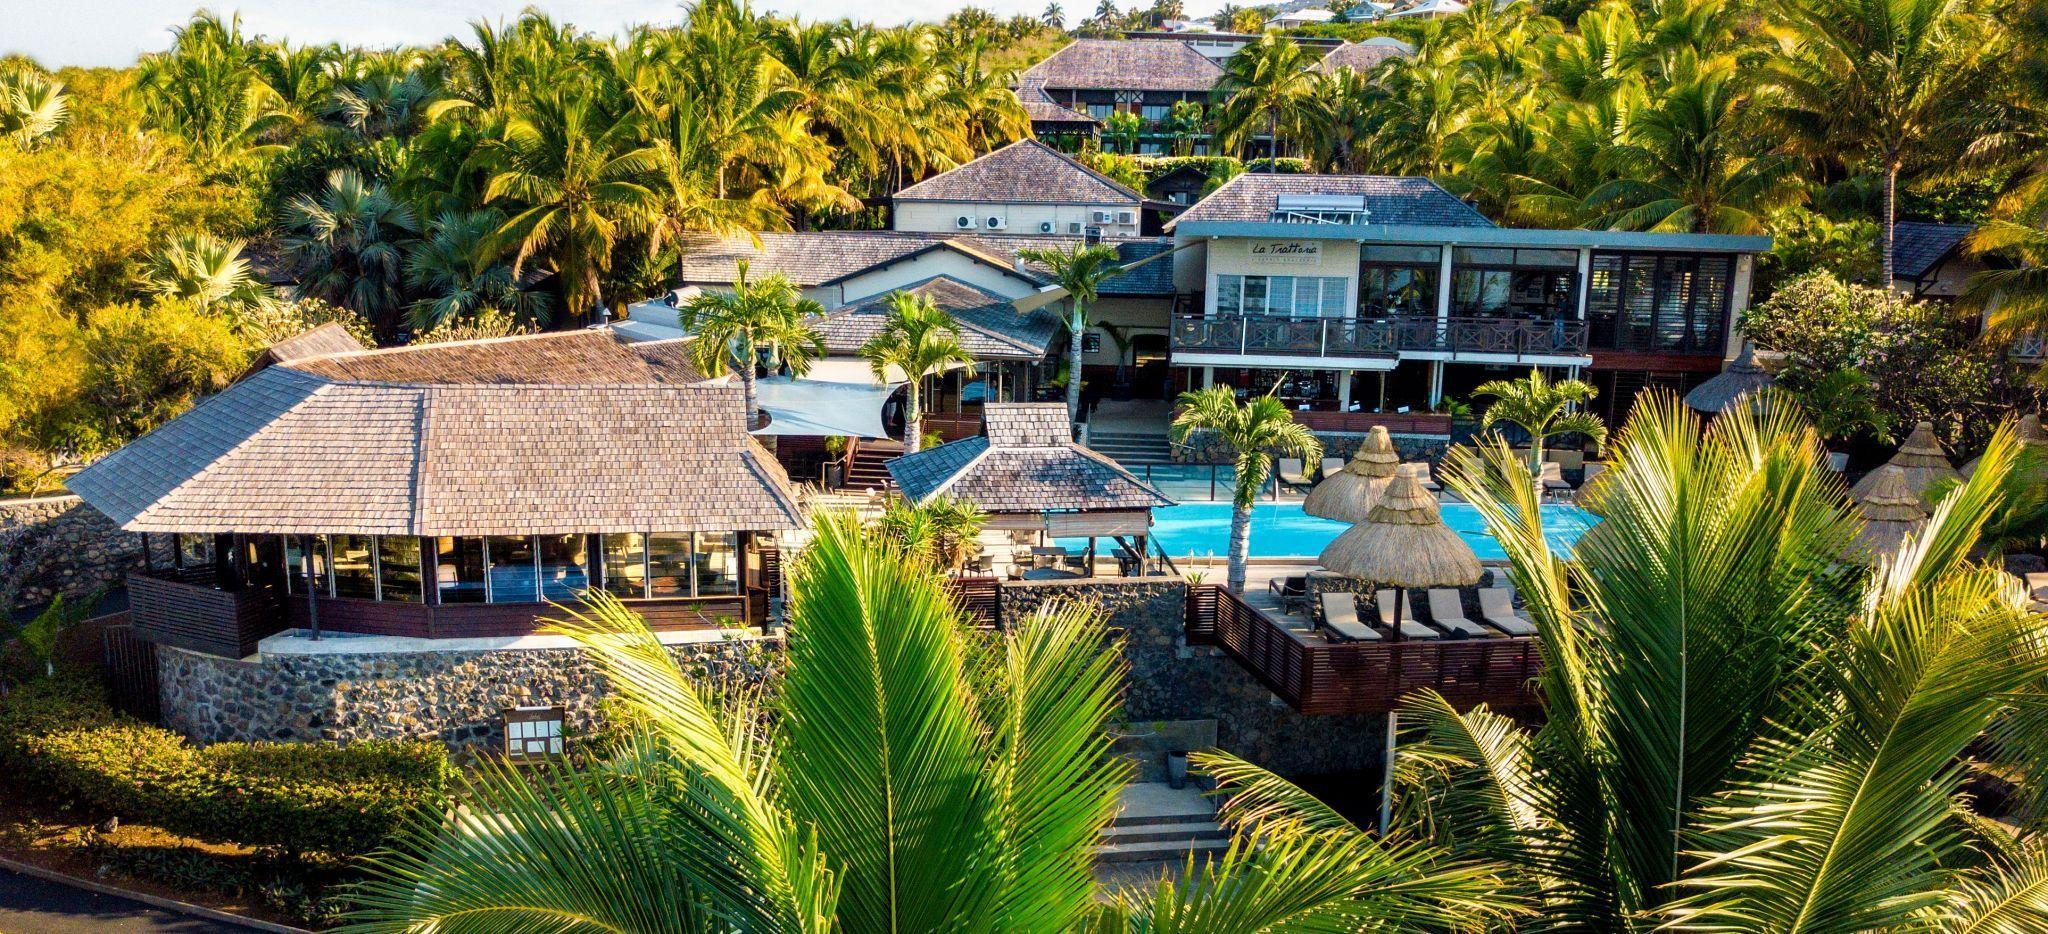 """Luftaufnahme des Poolbereiches und Hauptgebäudes des Hotels """"Iloha"""" auf La Réunion"""